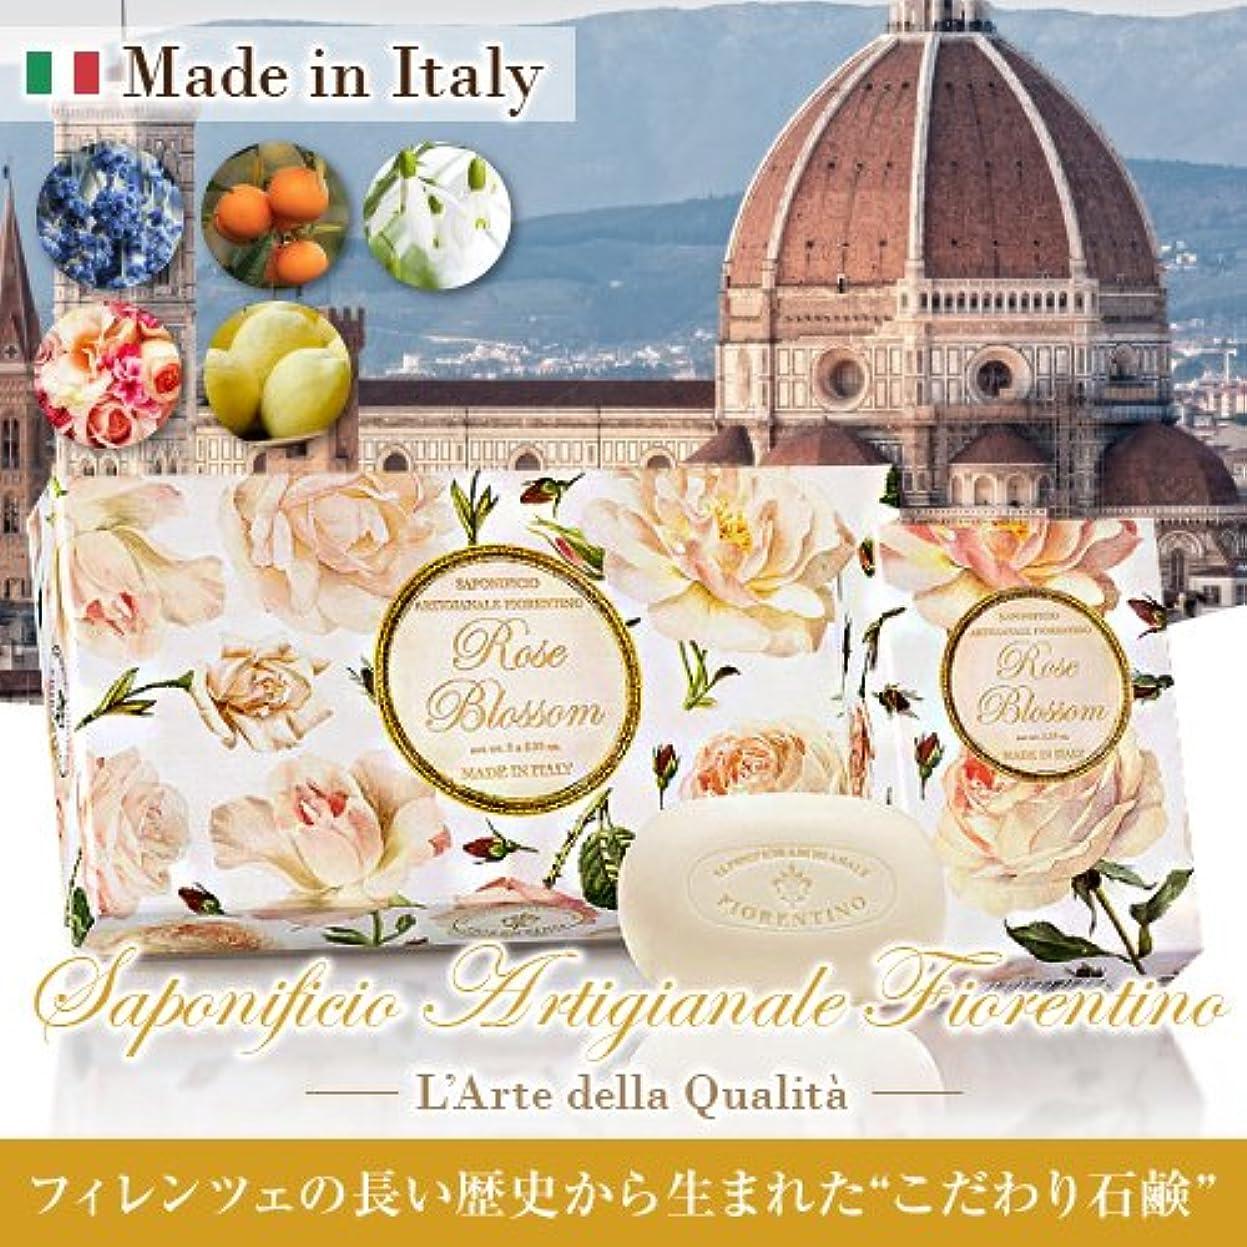 聖人ゲート時々時々フィレンツェの長い歴史から生まれたこだわり石鹸 オレンジ【150g×3個セット】